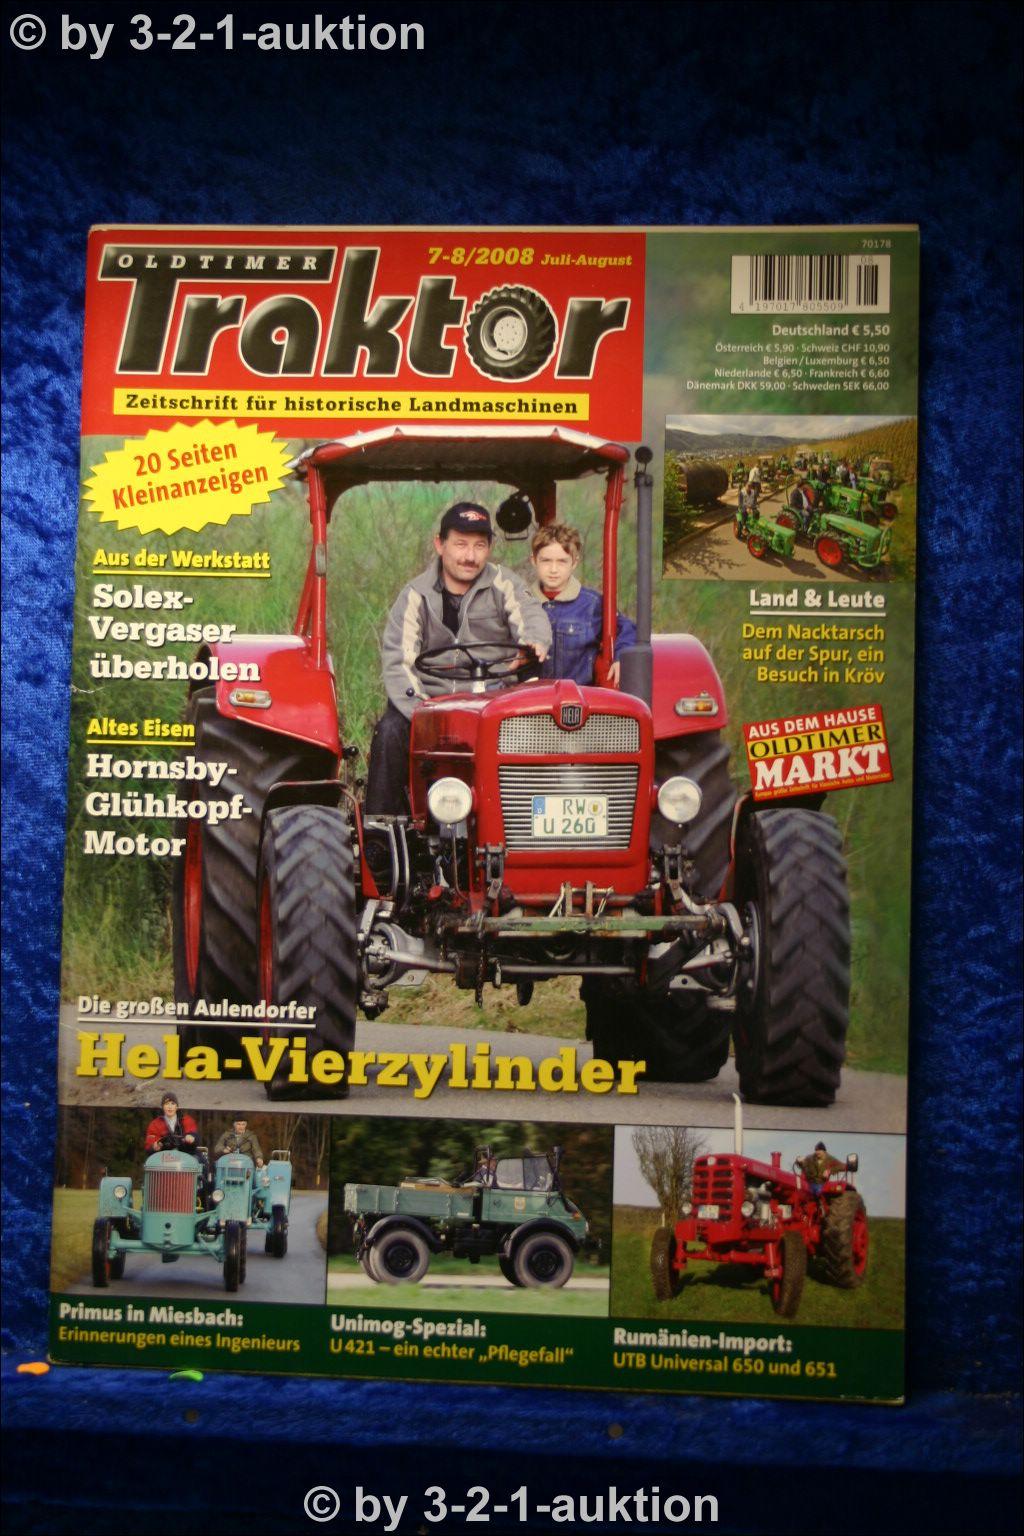 oldtimer traktor 7 8 08 hela d 254 260 unimog 421 primus. Black Bedroom Furniture Sets. Home Design Ideas